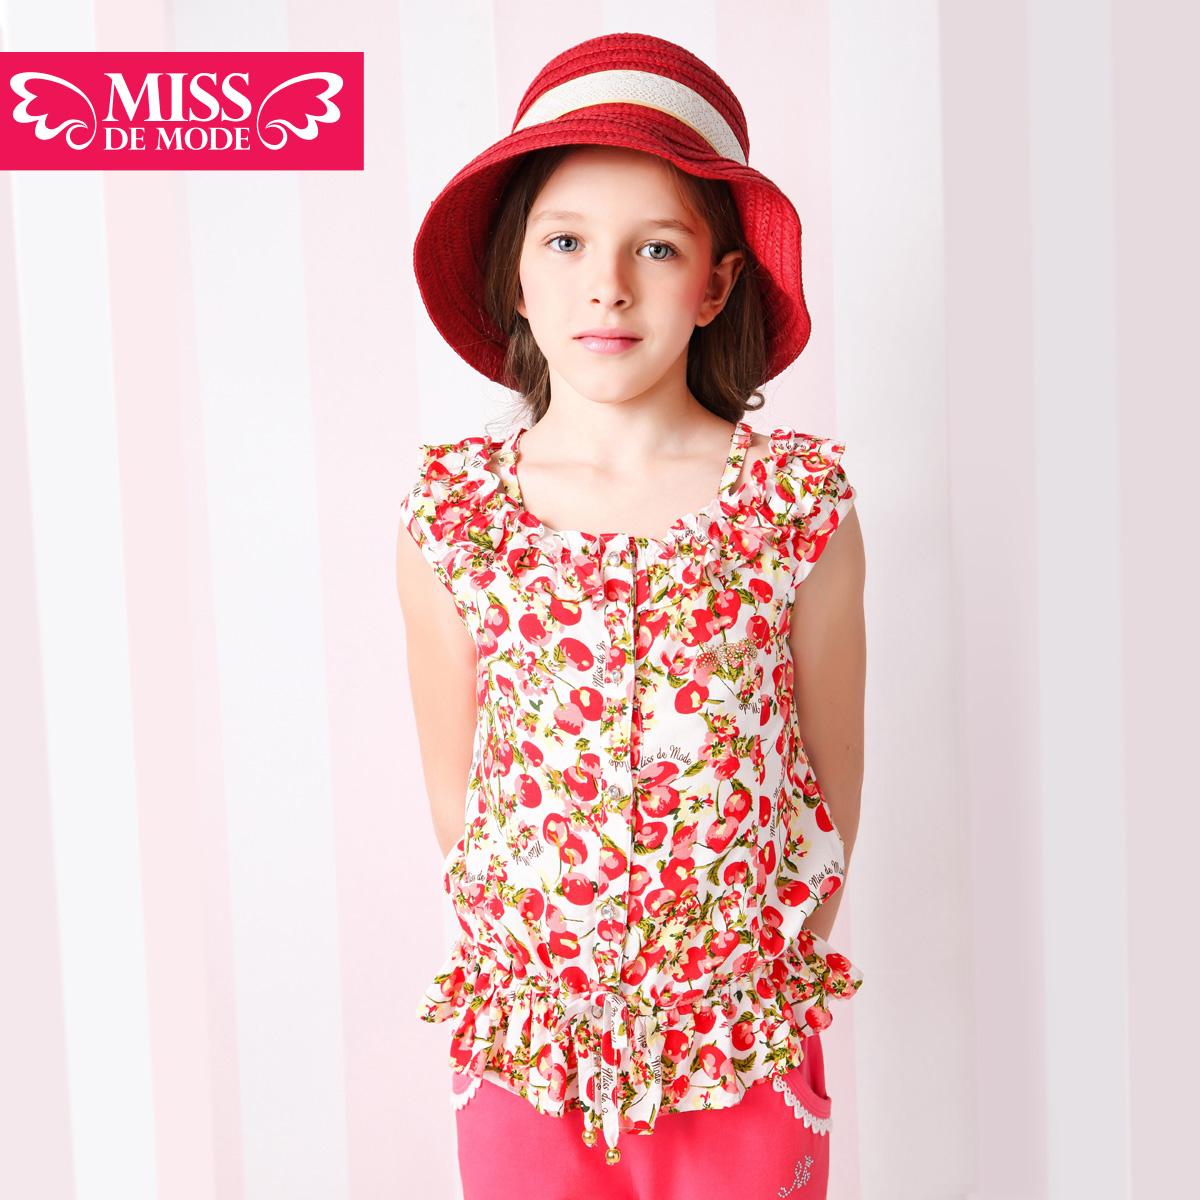 Рубашка детская Miss de mode qx414068 2014